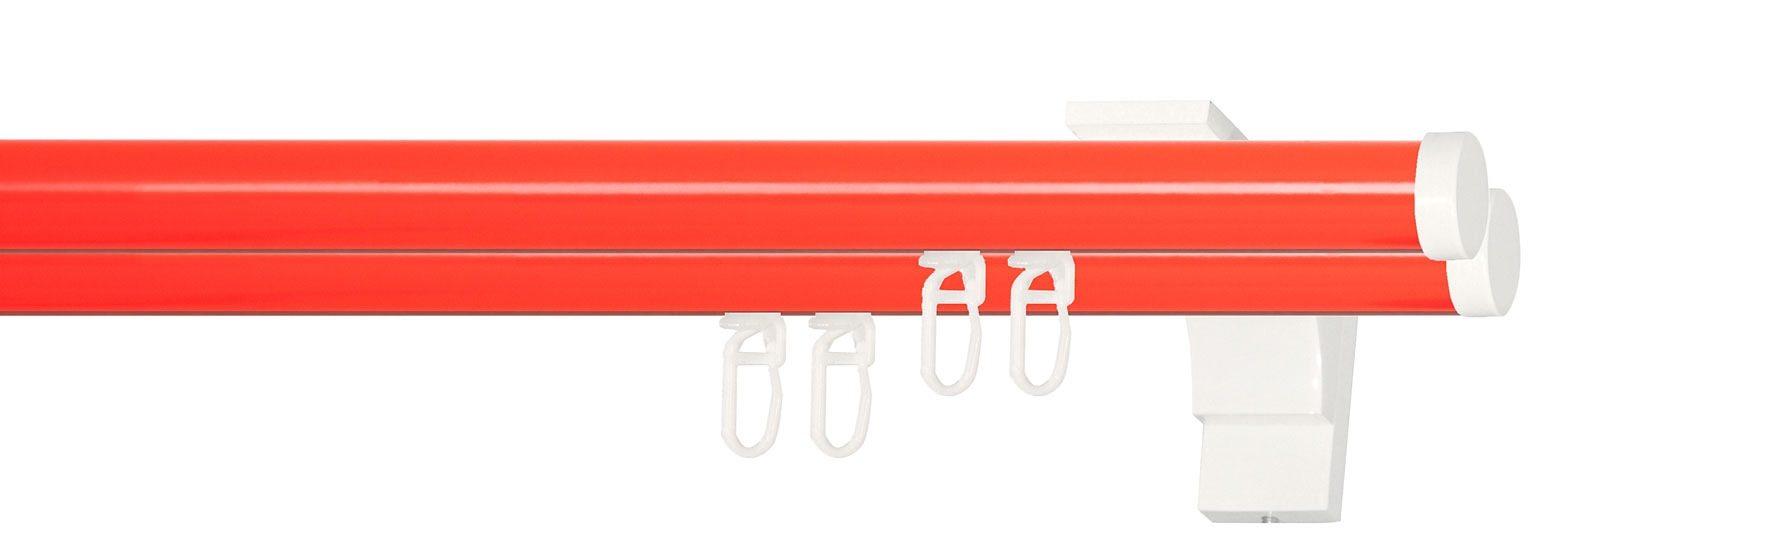 Gardinenstange, Indeko, nach Maß, »Sunny Neon2«